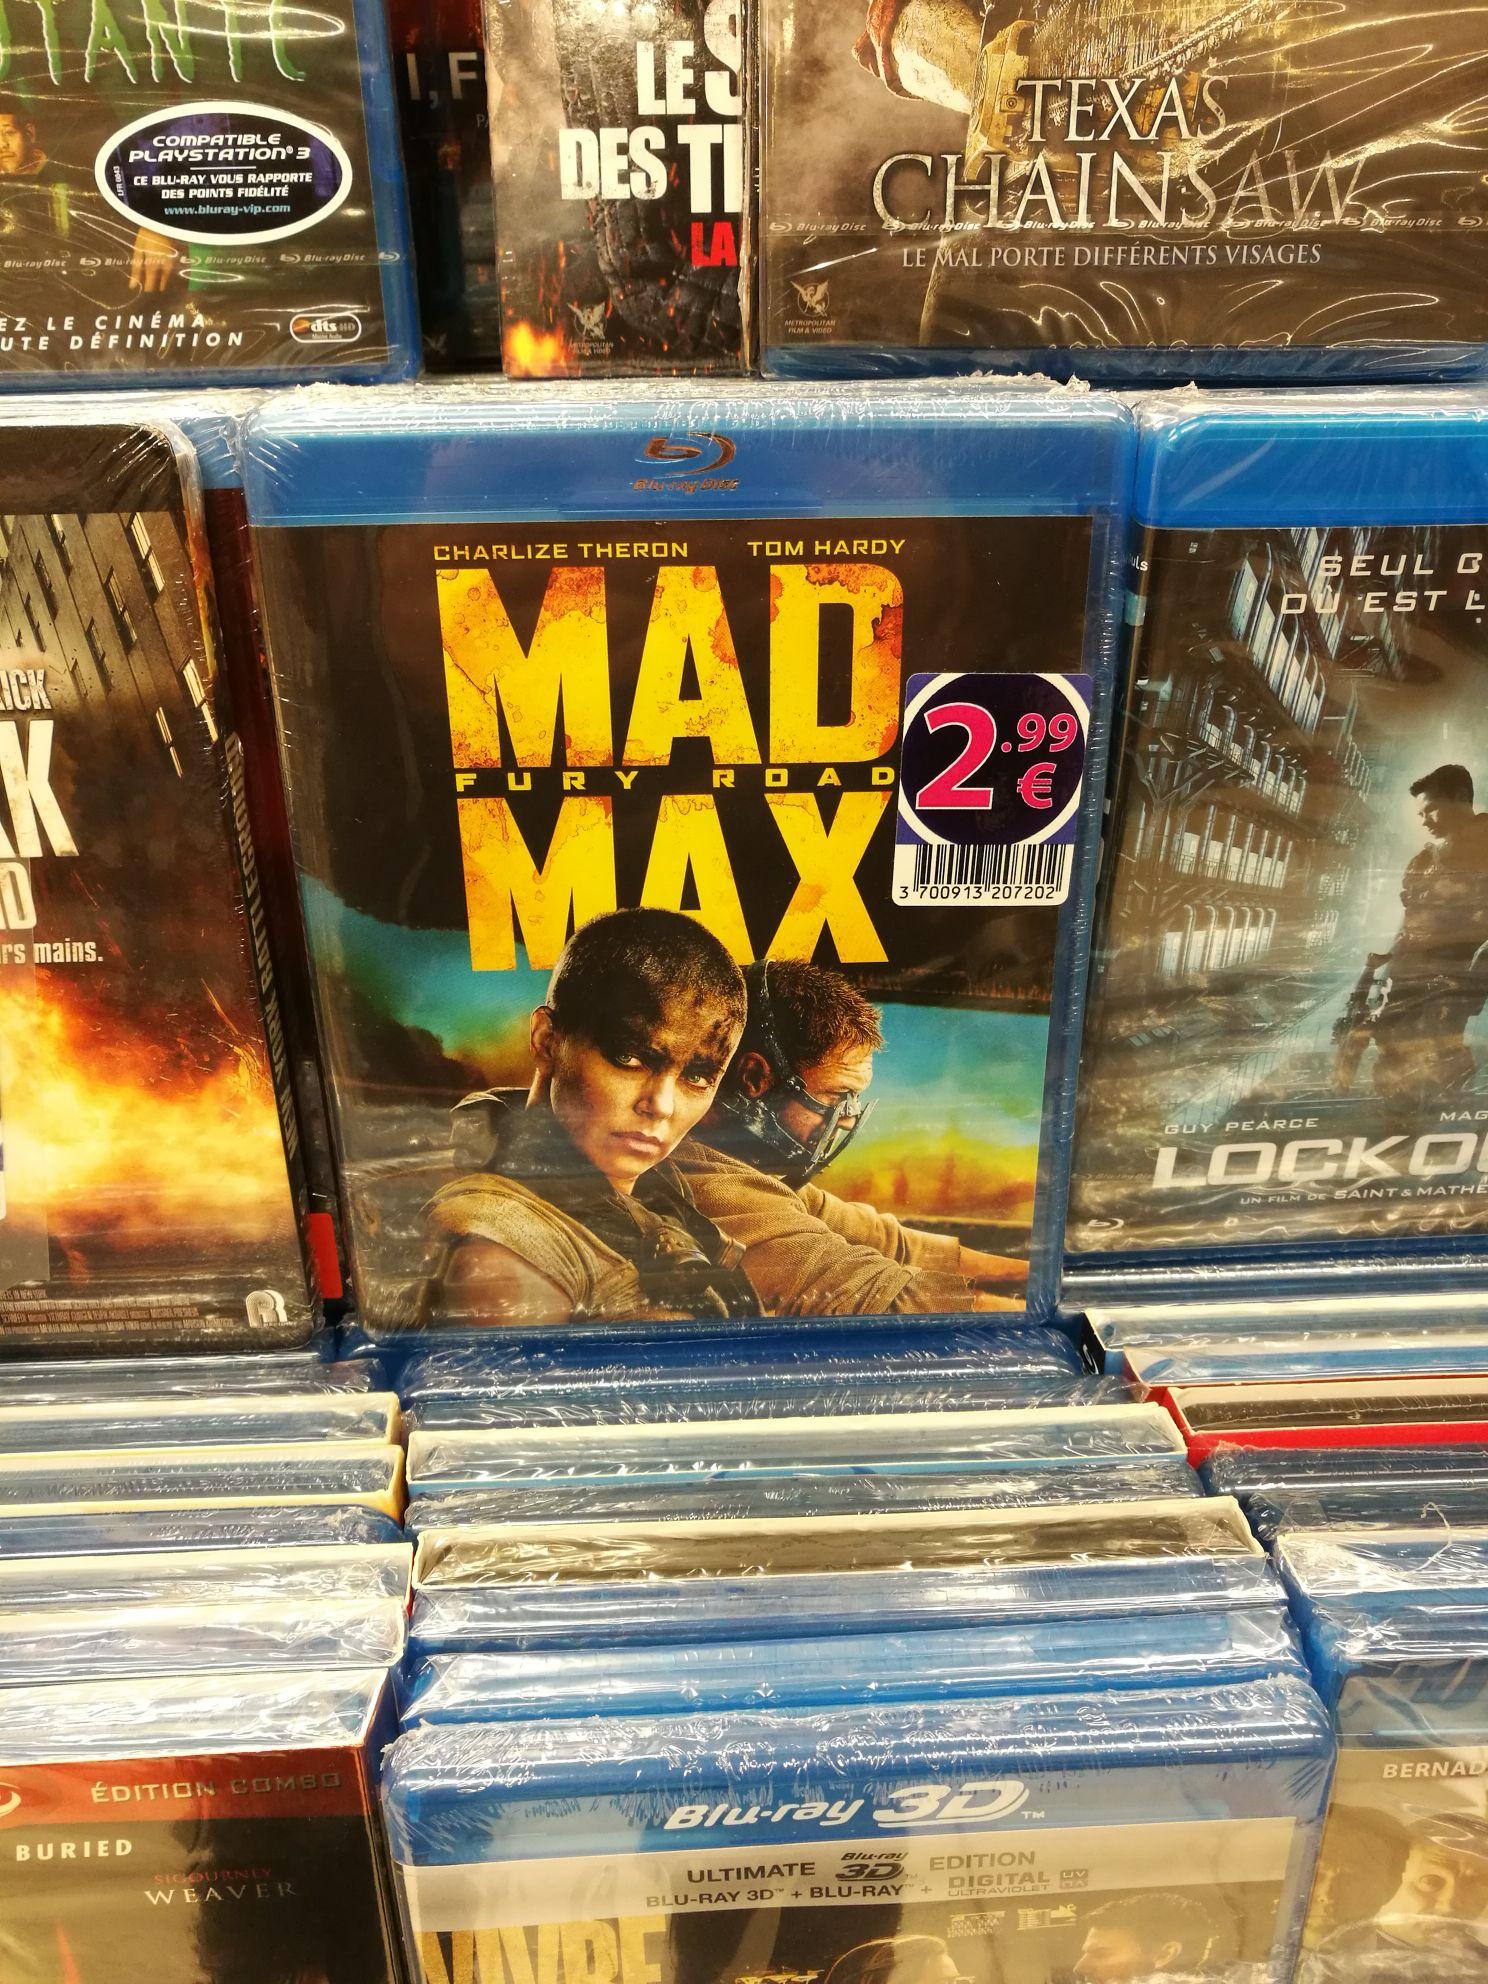 Sélection de Blu-ray à 2.99€ - Ex : Mad Max: Fury Road au Auchan Bois Sénart Cesson (77)